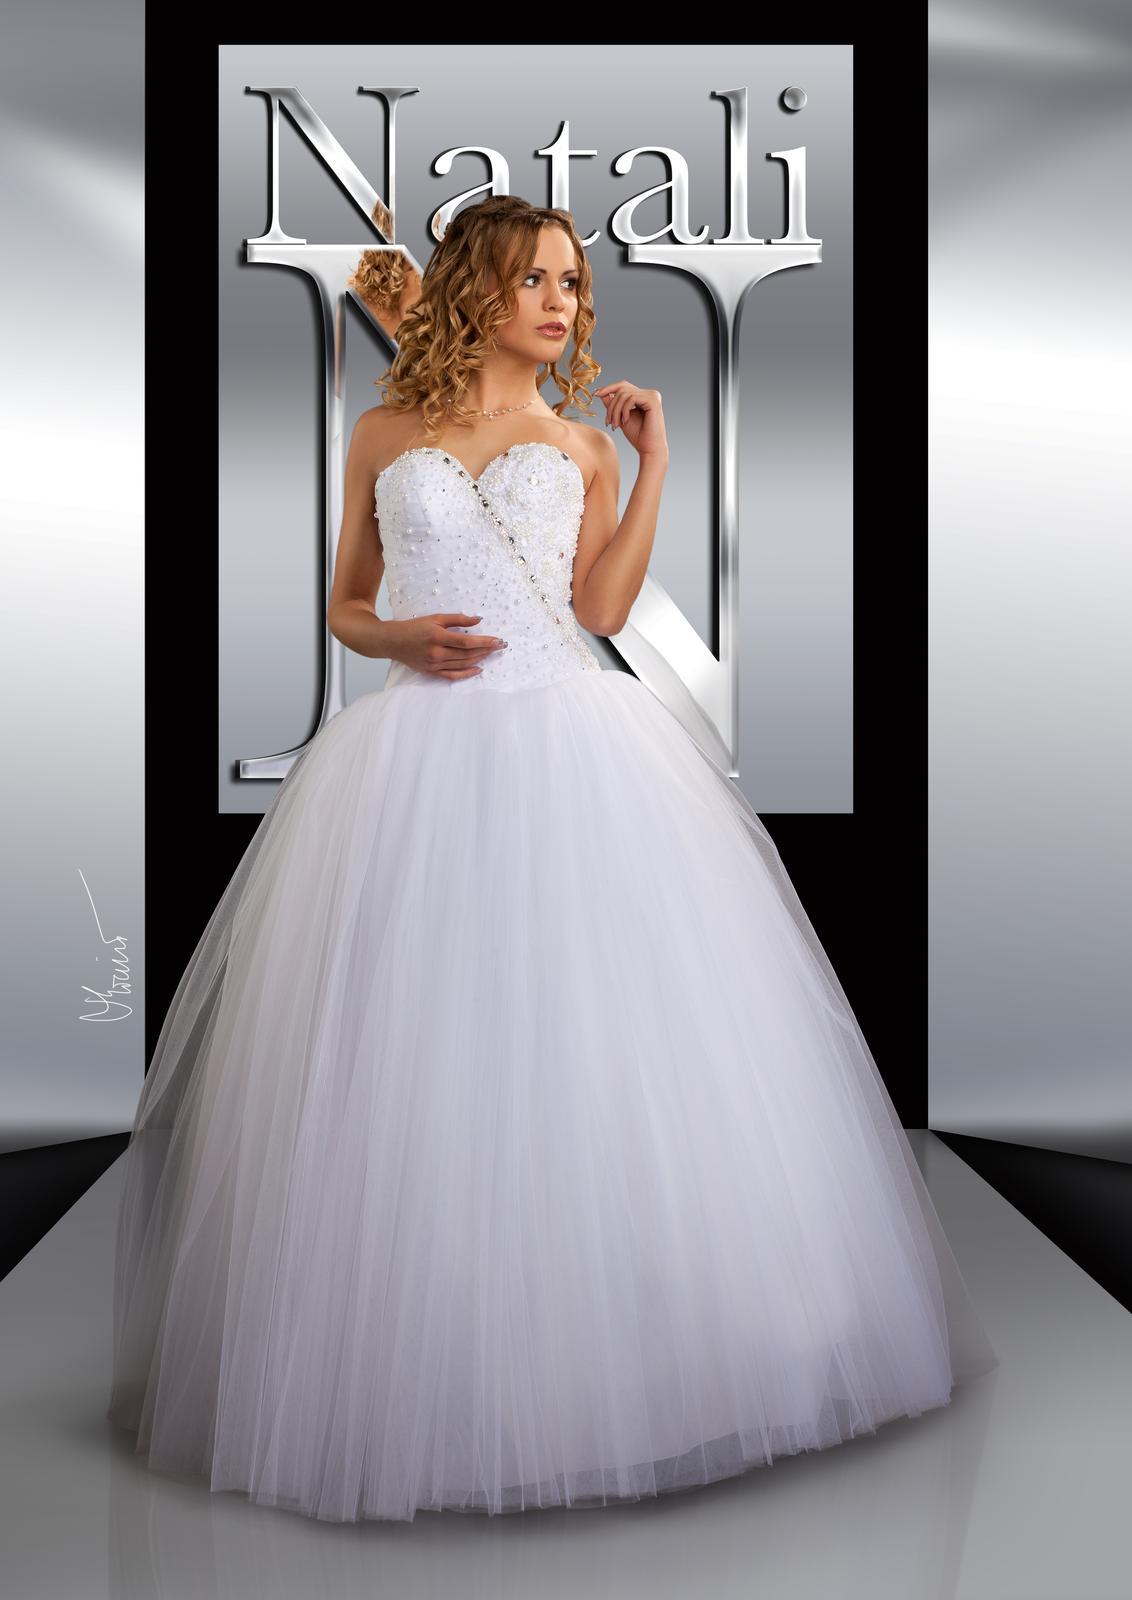 00eec3bdcb0f Svatební šaty s bohatou tylovou sukní a hladkým ko... - str. 2